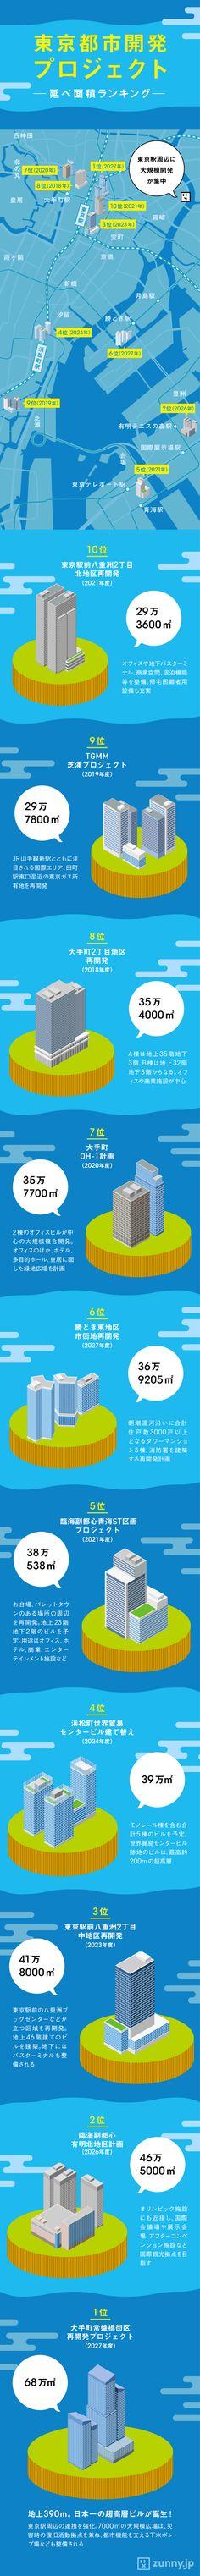 徳川家康が江戸に居城を定めたのは1590年。以降、この地は400年以上にわたり進化し続けている。当然、21世…